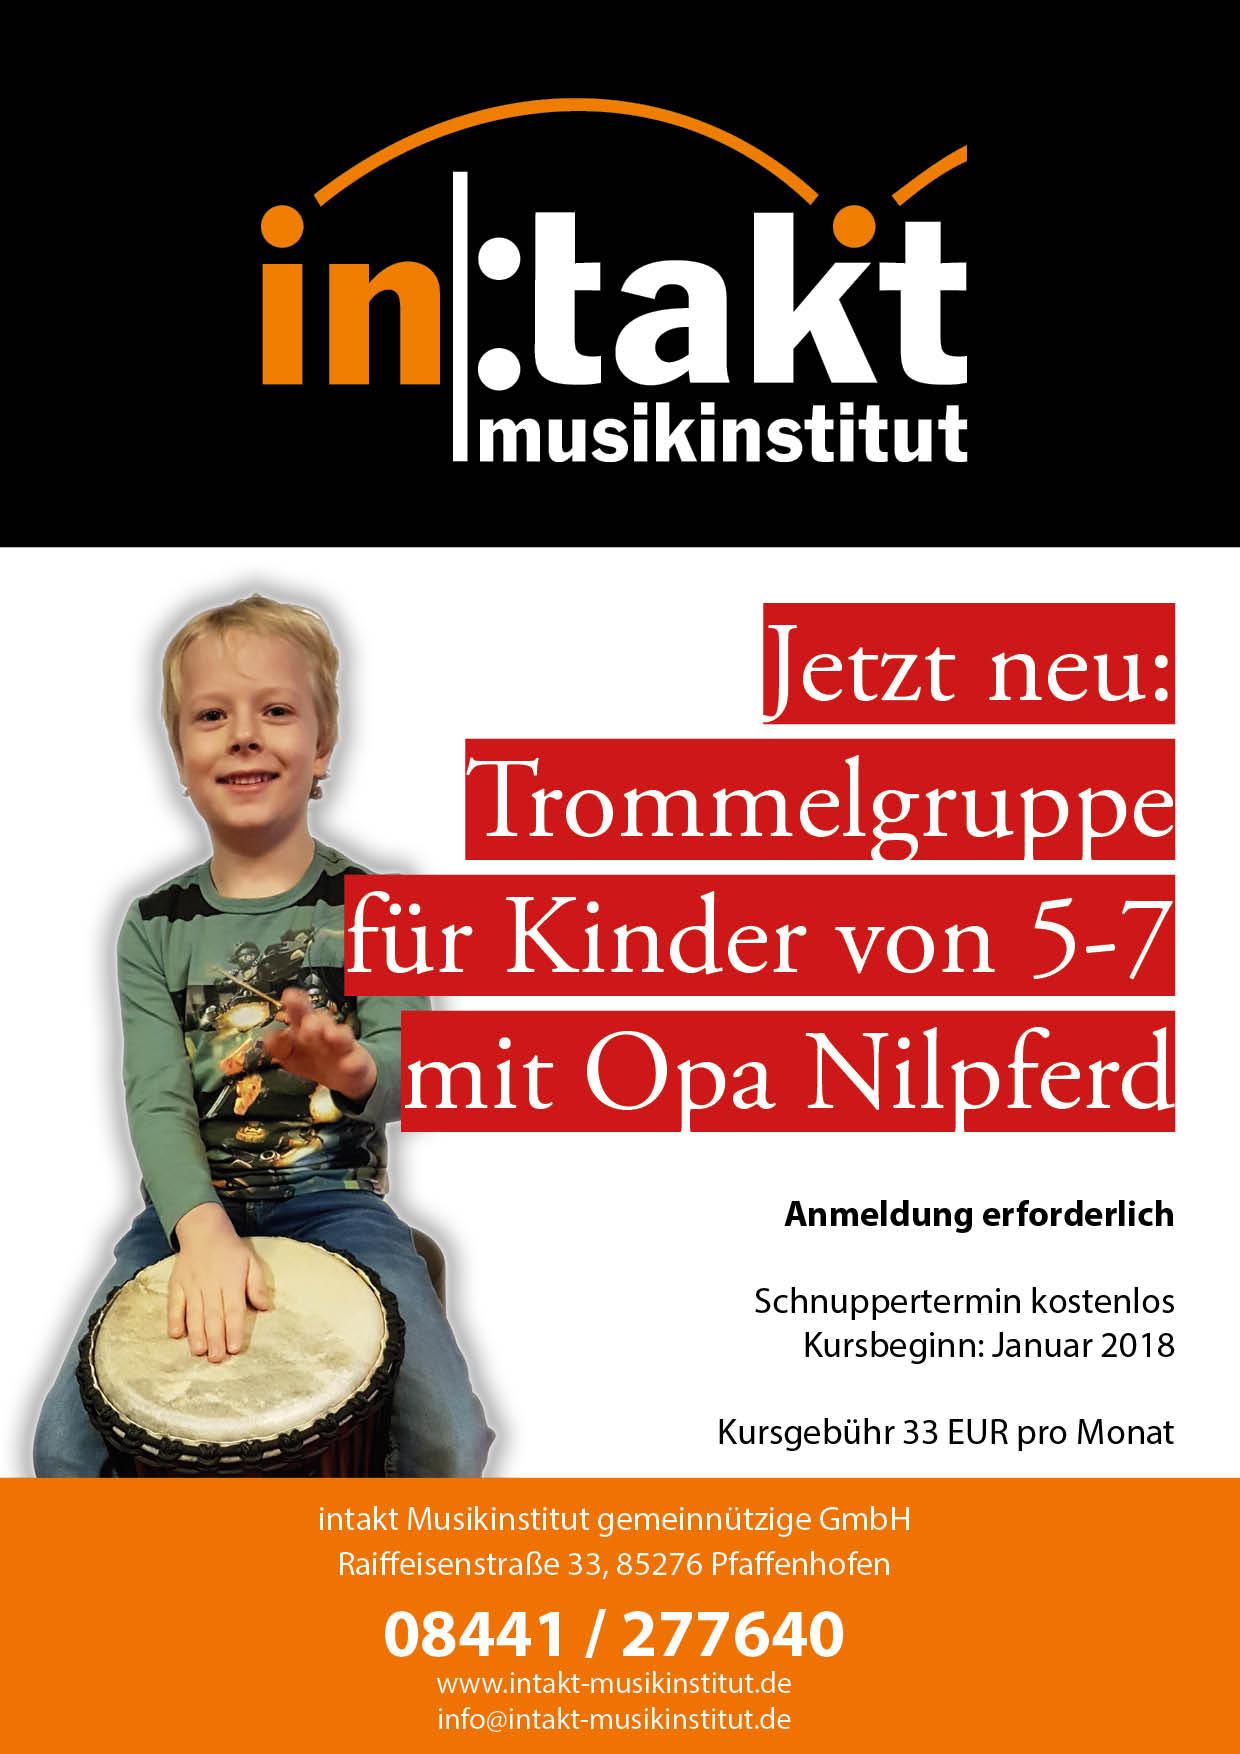 Ab Januar neu: Kindertrommeln für 5-7 Jährige